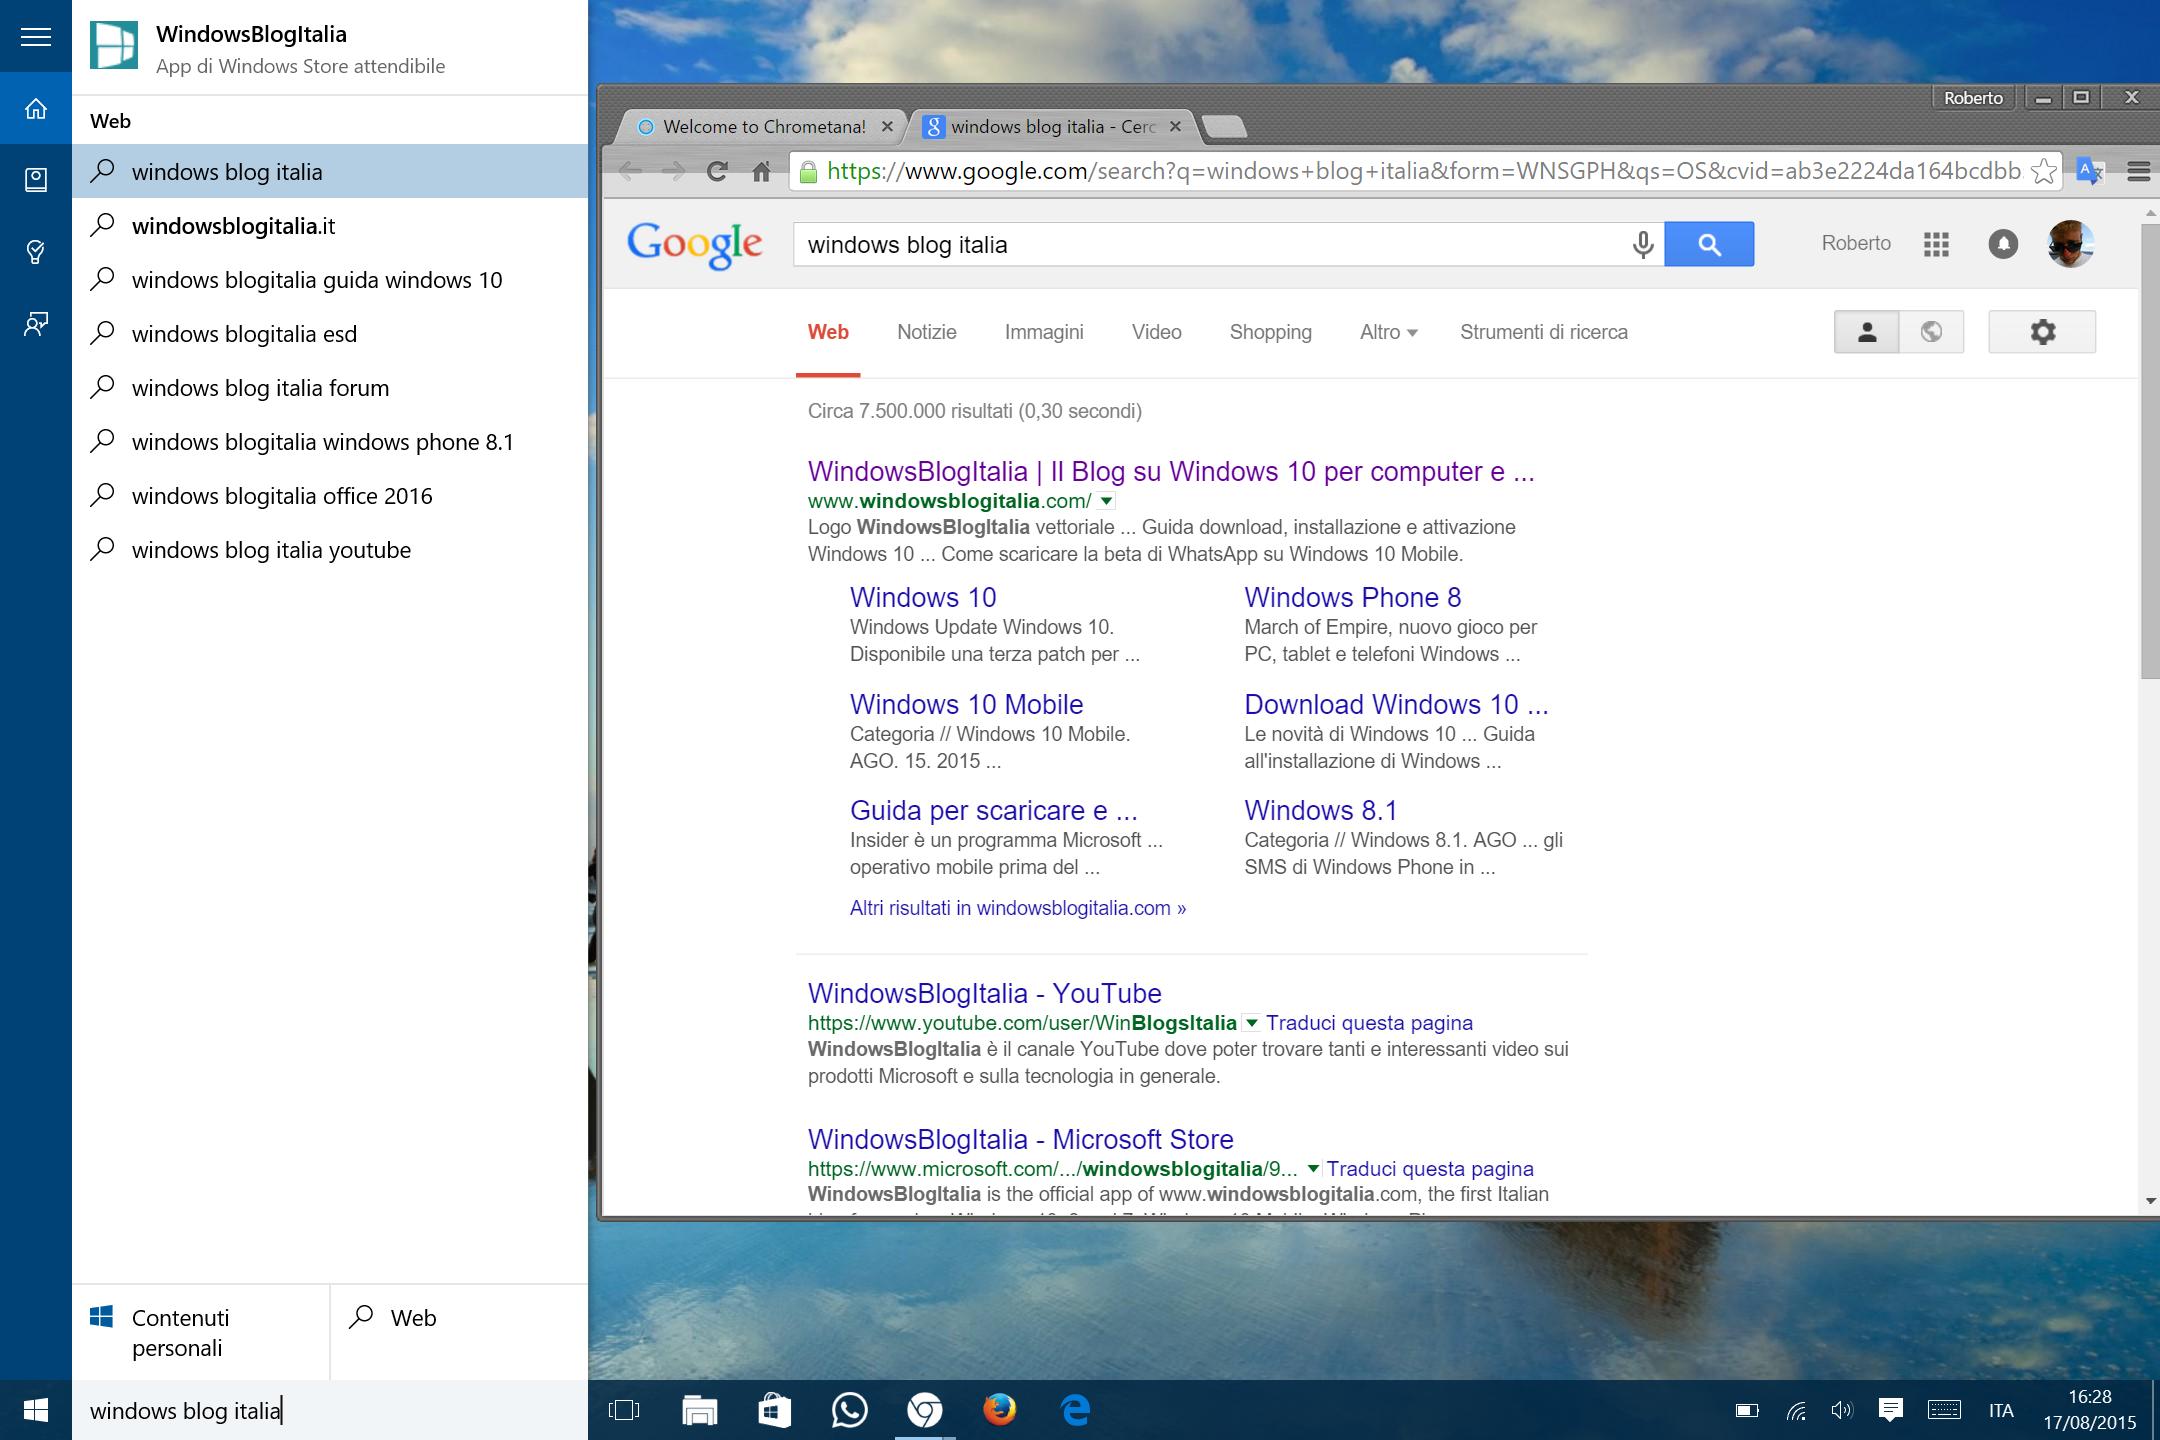 Ricerca Per Immagini Mobile come forzare cortana a fare ricerche web su google in